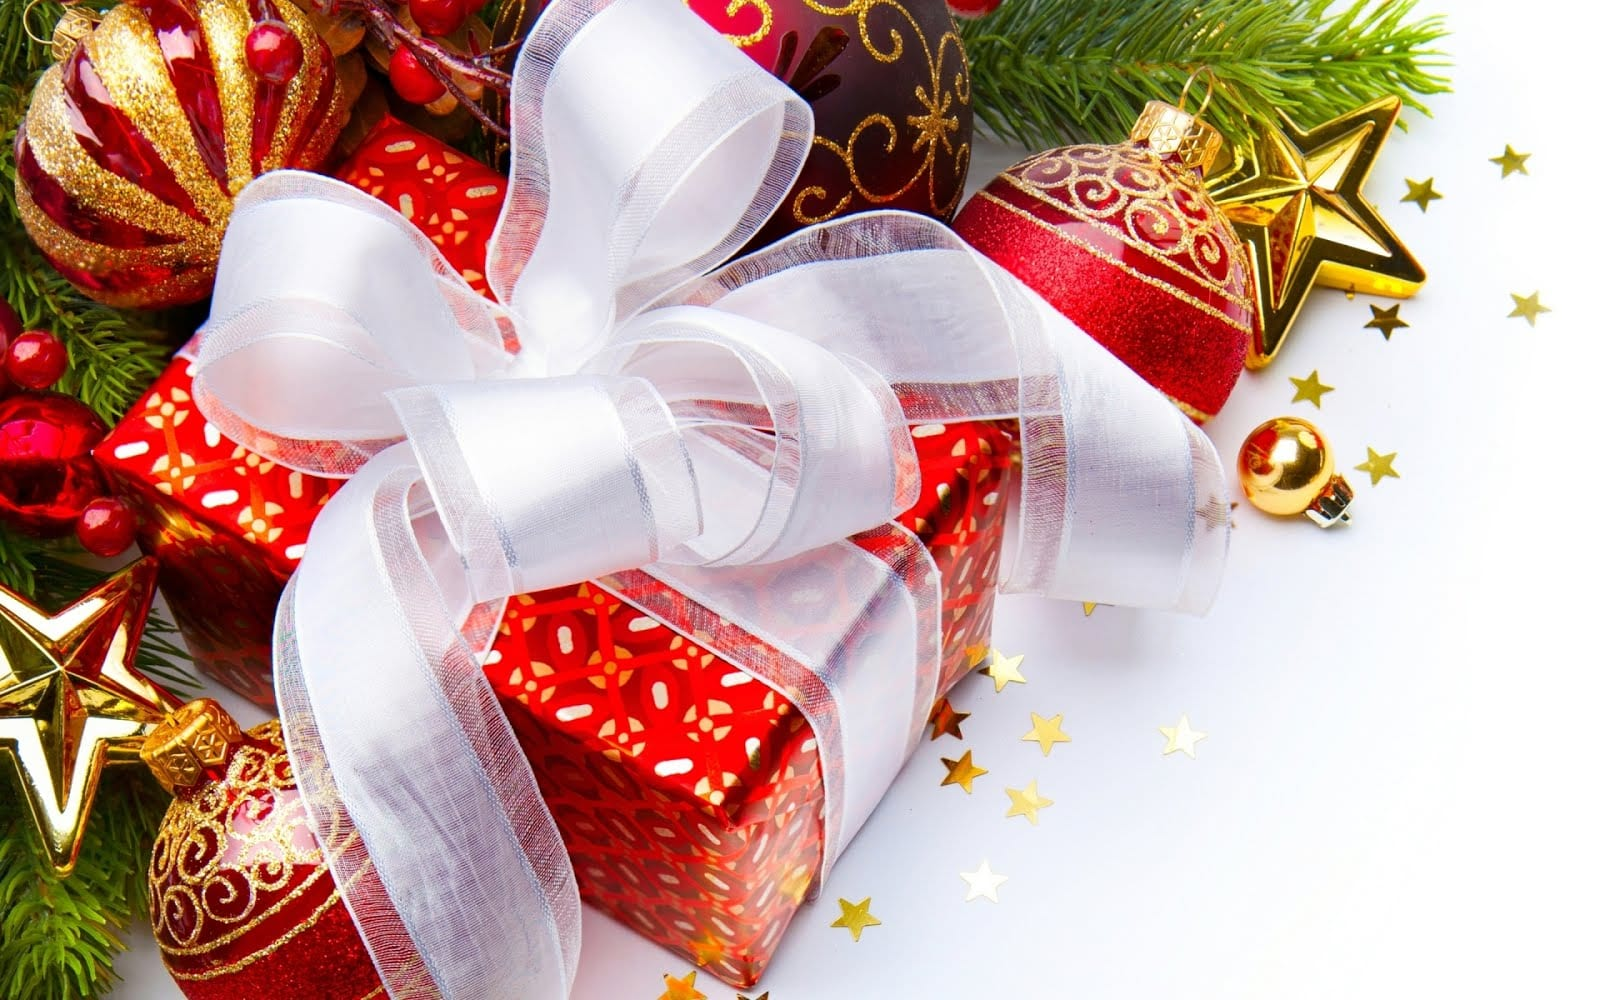 Los mejores regalos para hacer en las pr ximas navidades - Immagine di regali di natale ...